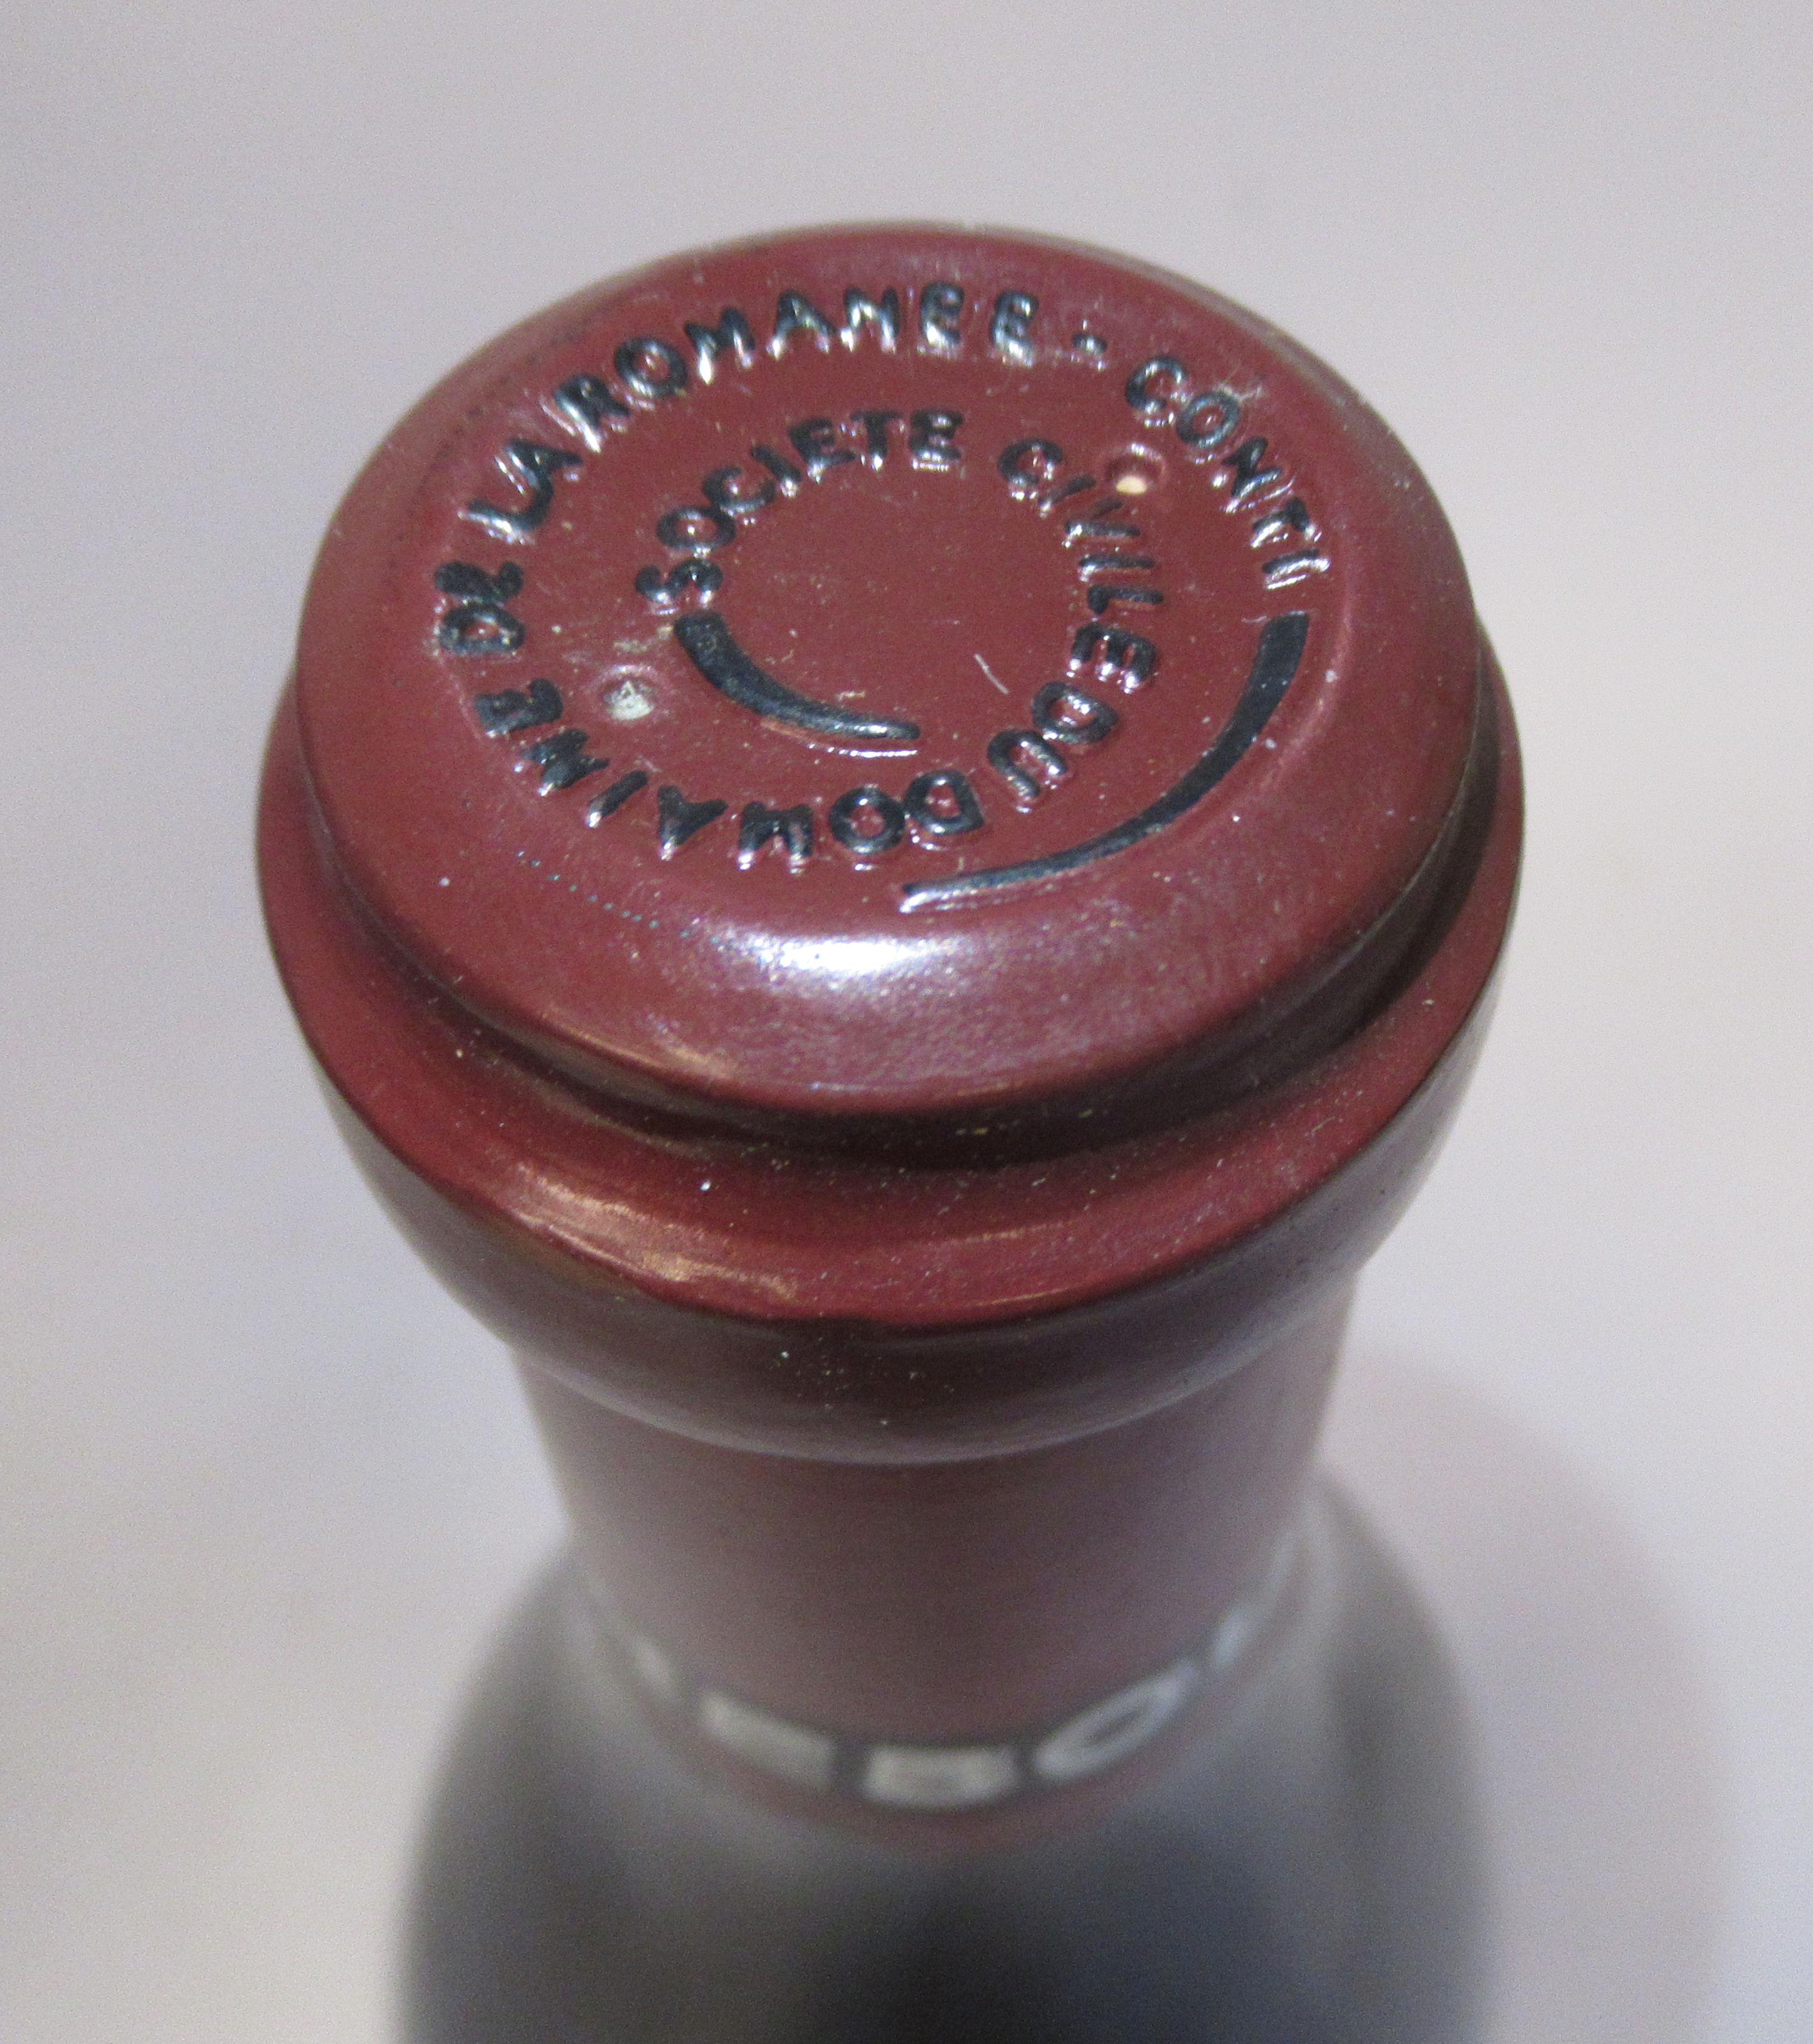 Wine, a bottle of 1996 Richebourg Domaine De La Romanee-Conti (bottle number 04822) - Image 3 of 3